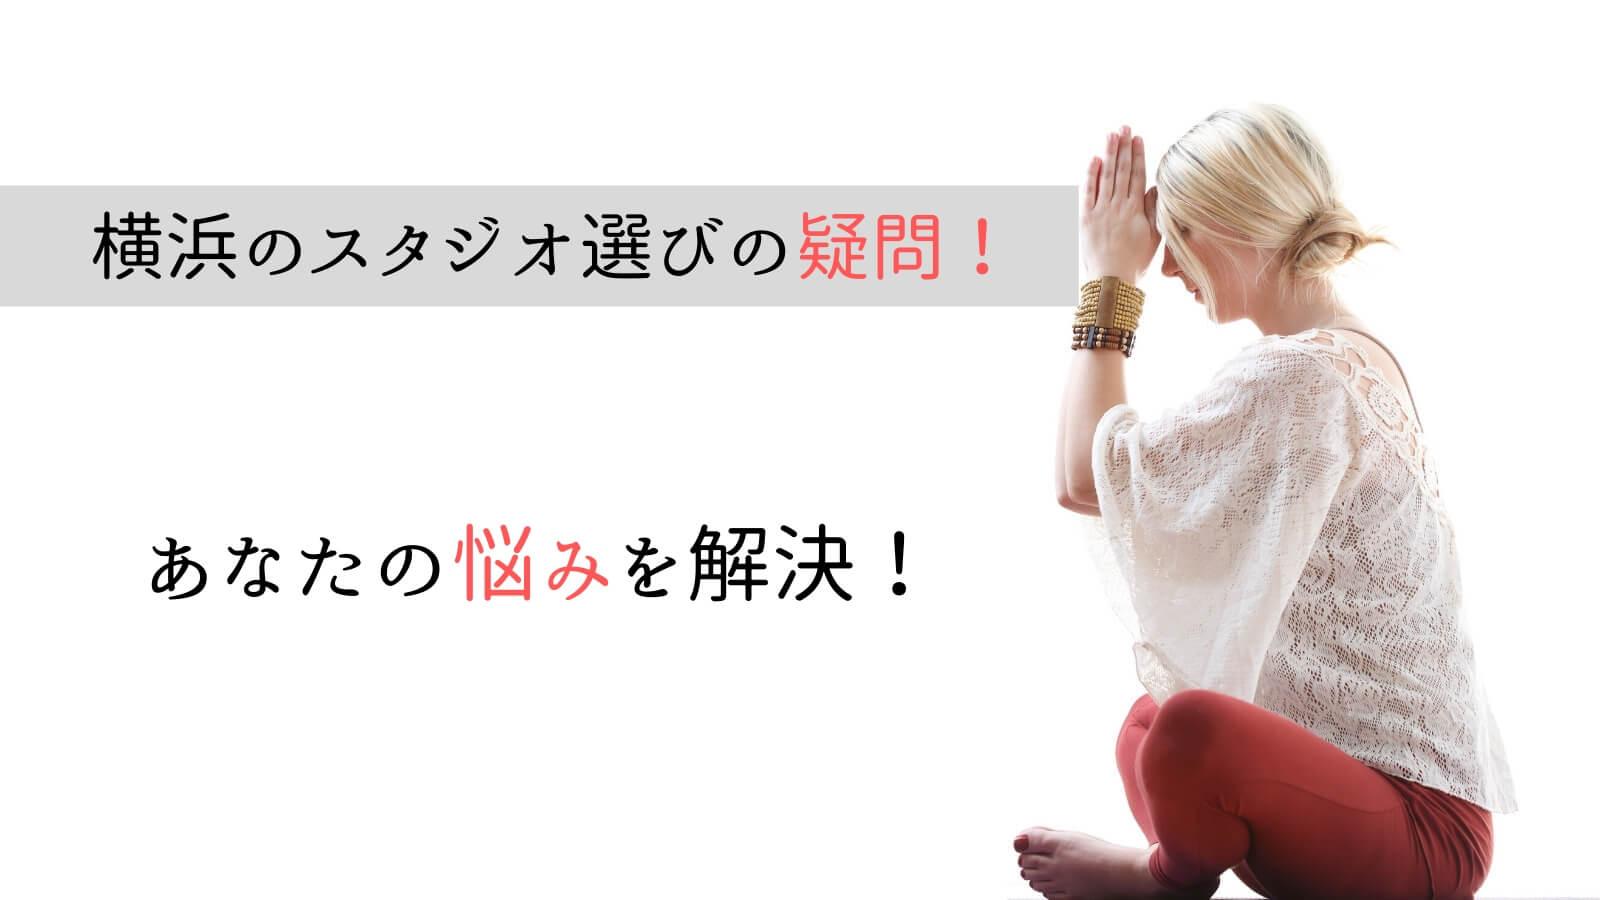 横浜でのホットヨガスタジオ選びに関するQ&A